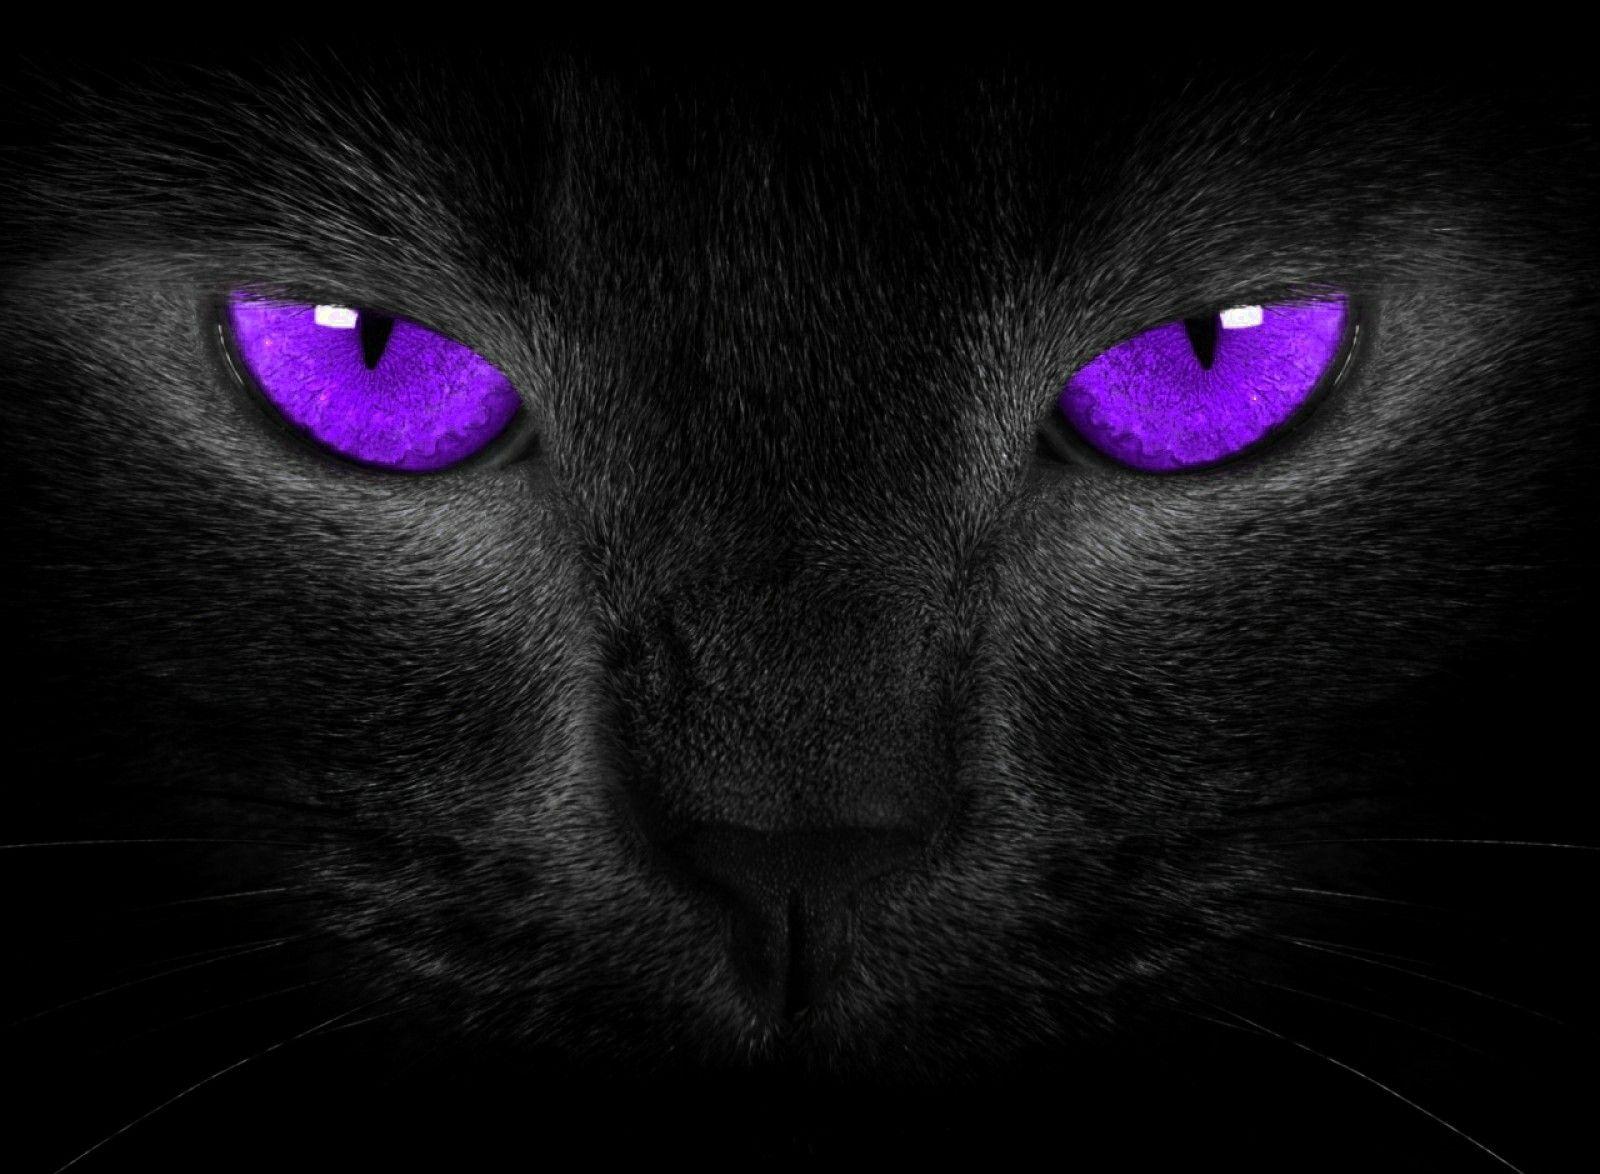 Purple Cat Eyes Cats Purple Cat Eyes Wallpaper